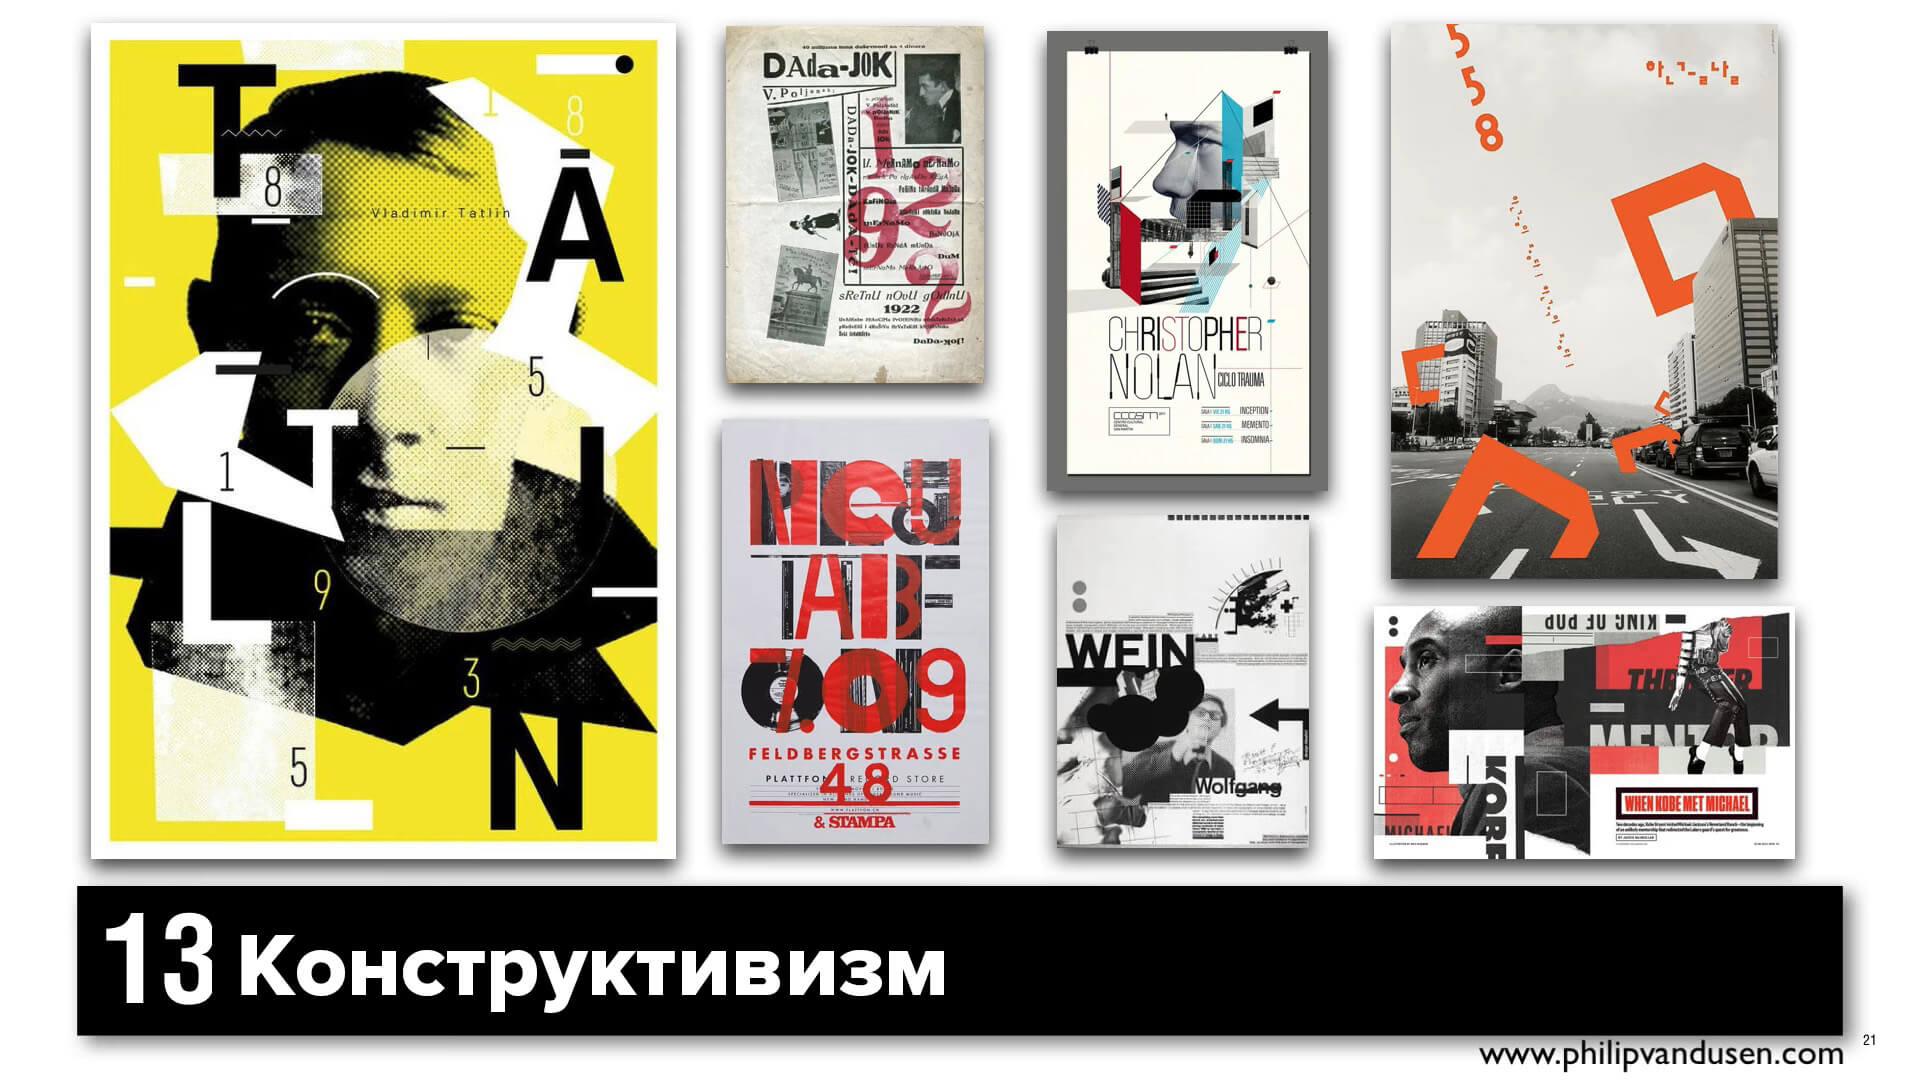 13 deconstructivism